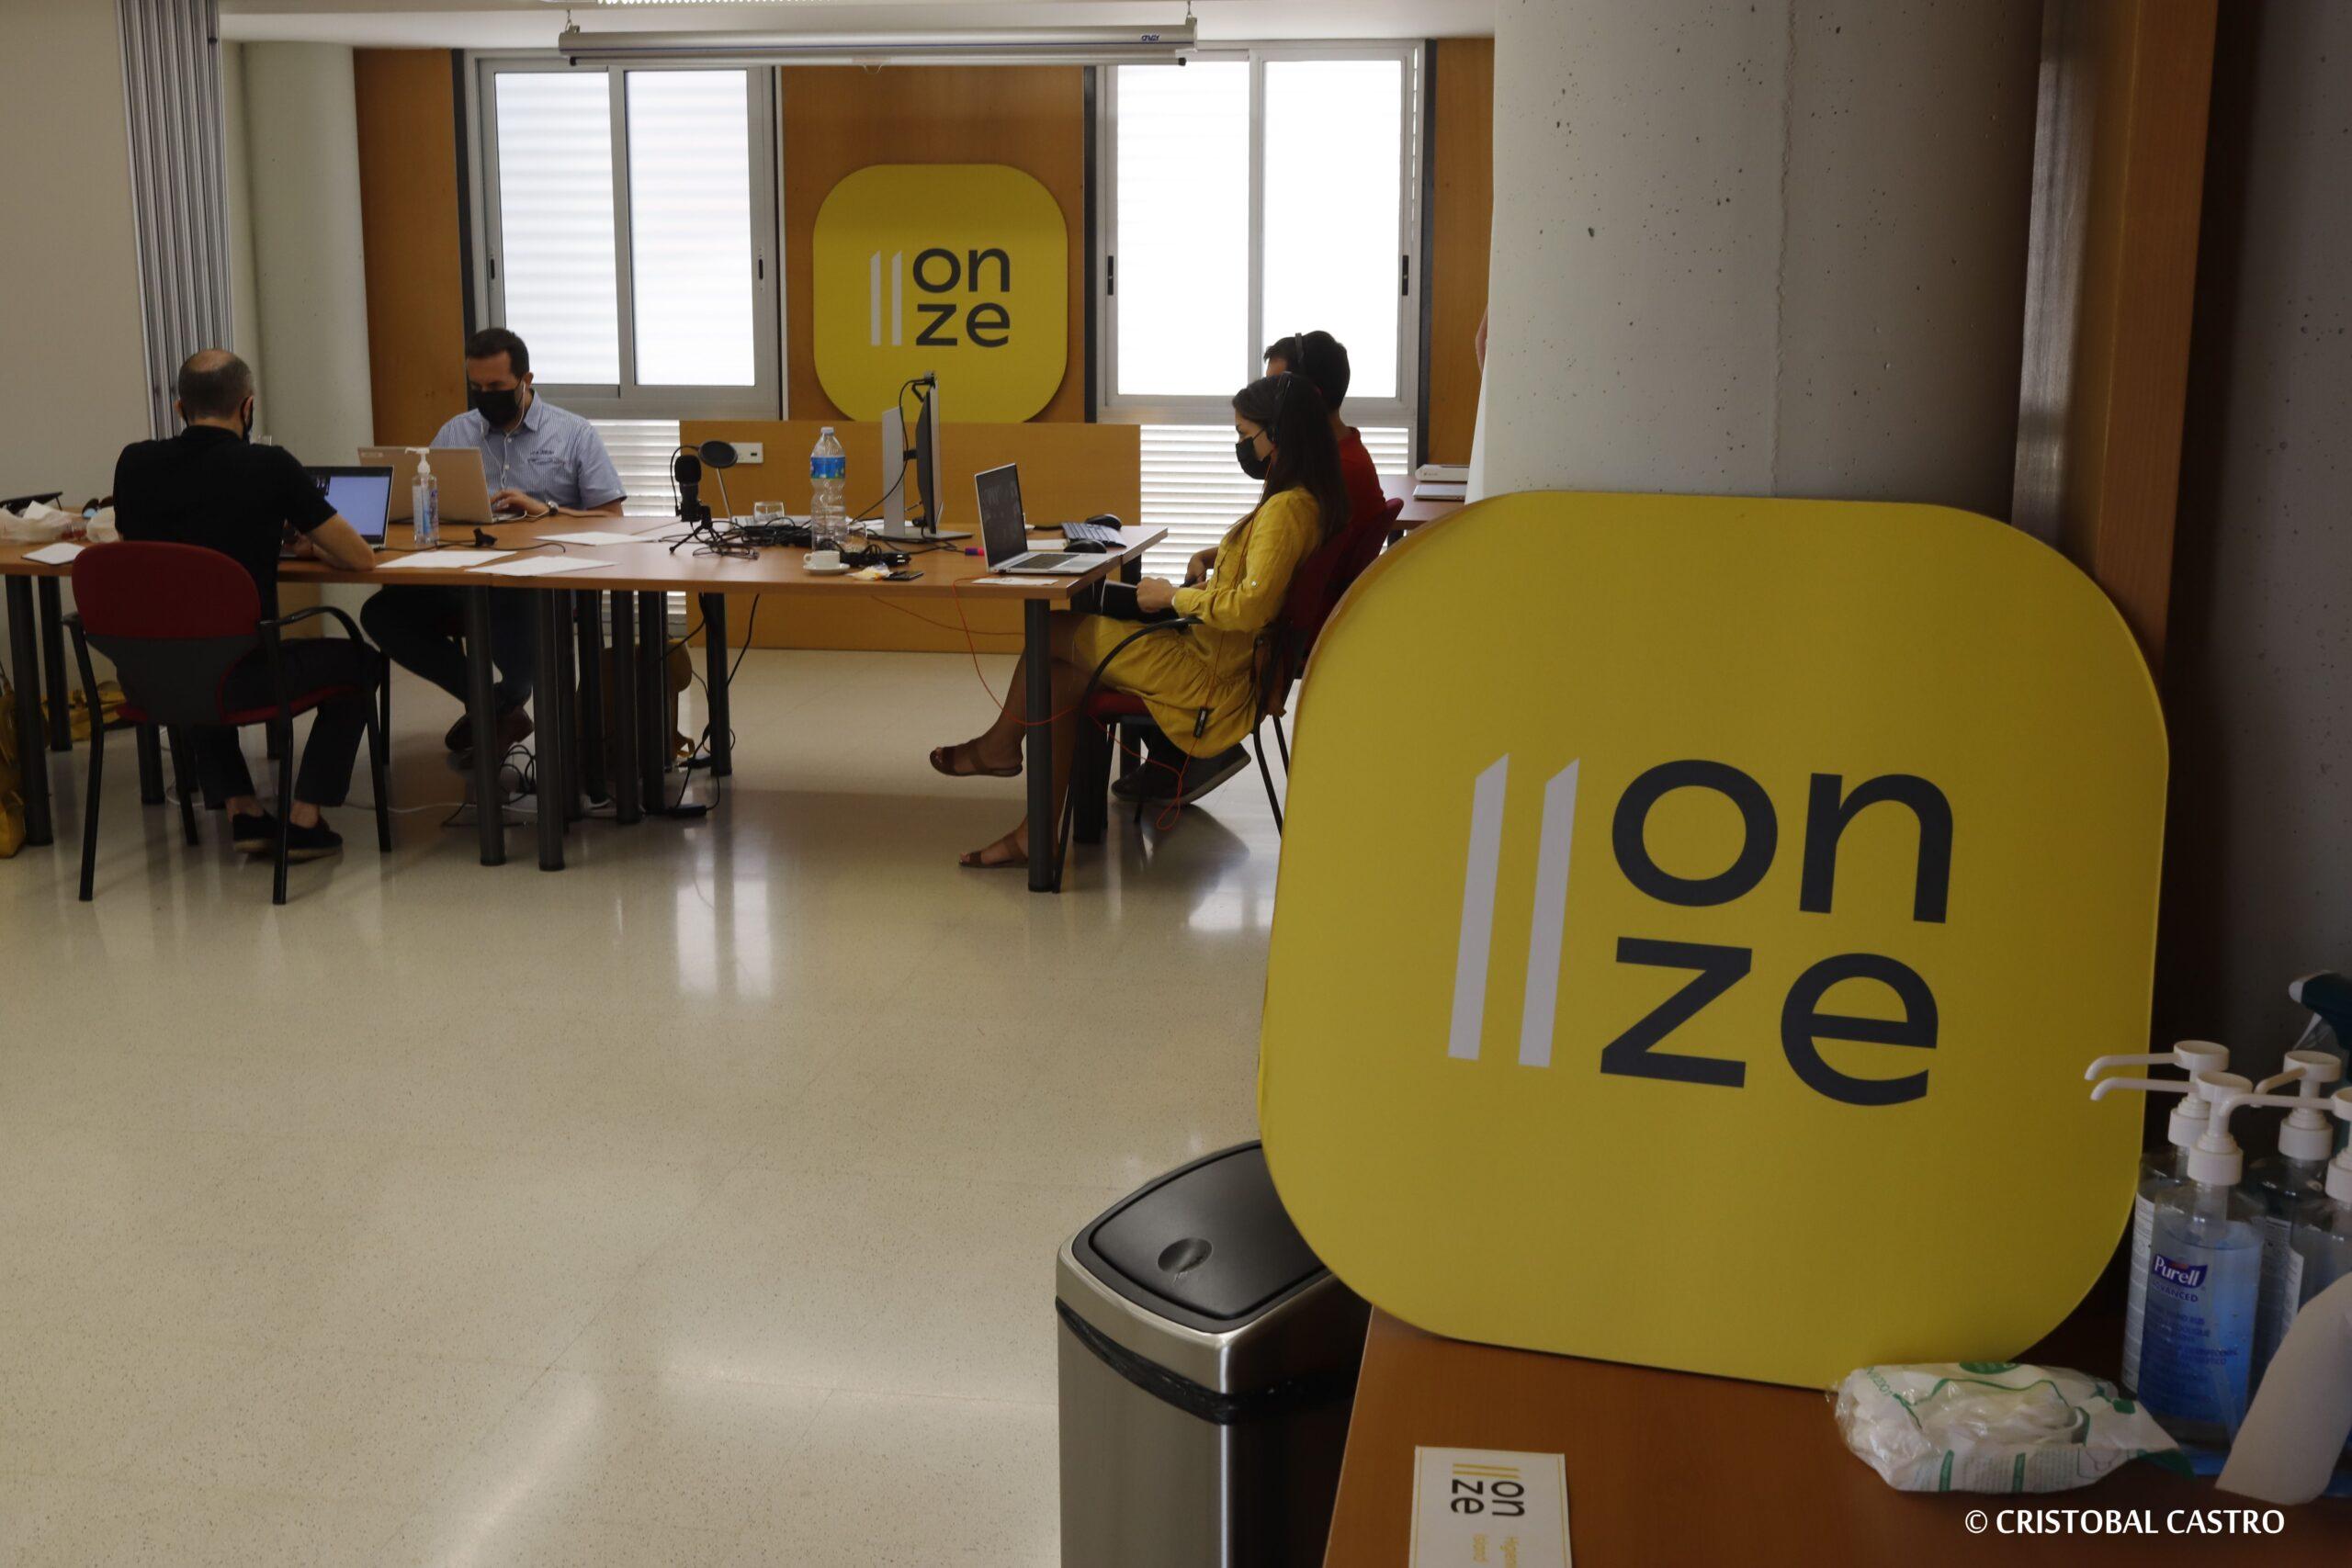 El nou banc 11Onze s'intal·la a la Cambra de Comerç de Terrassa